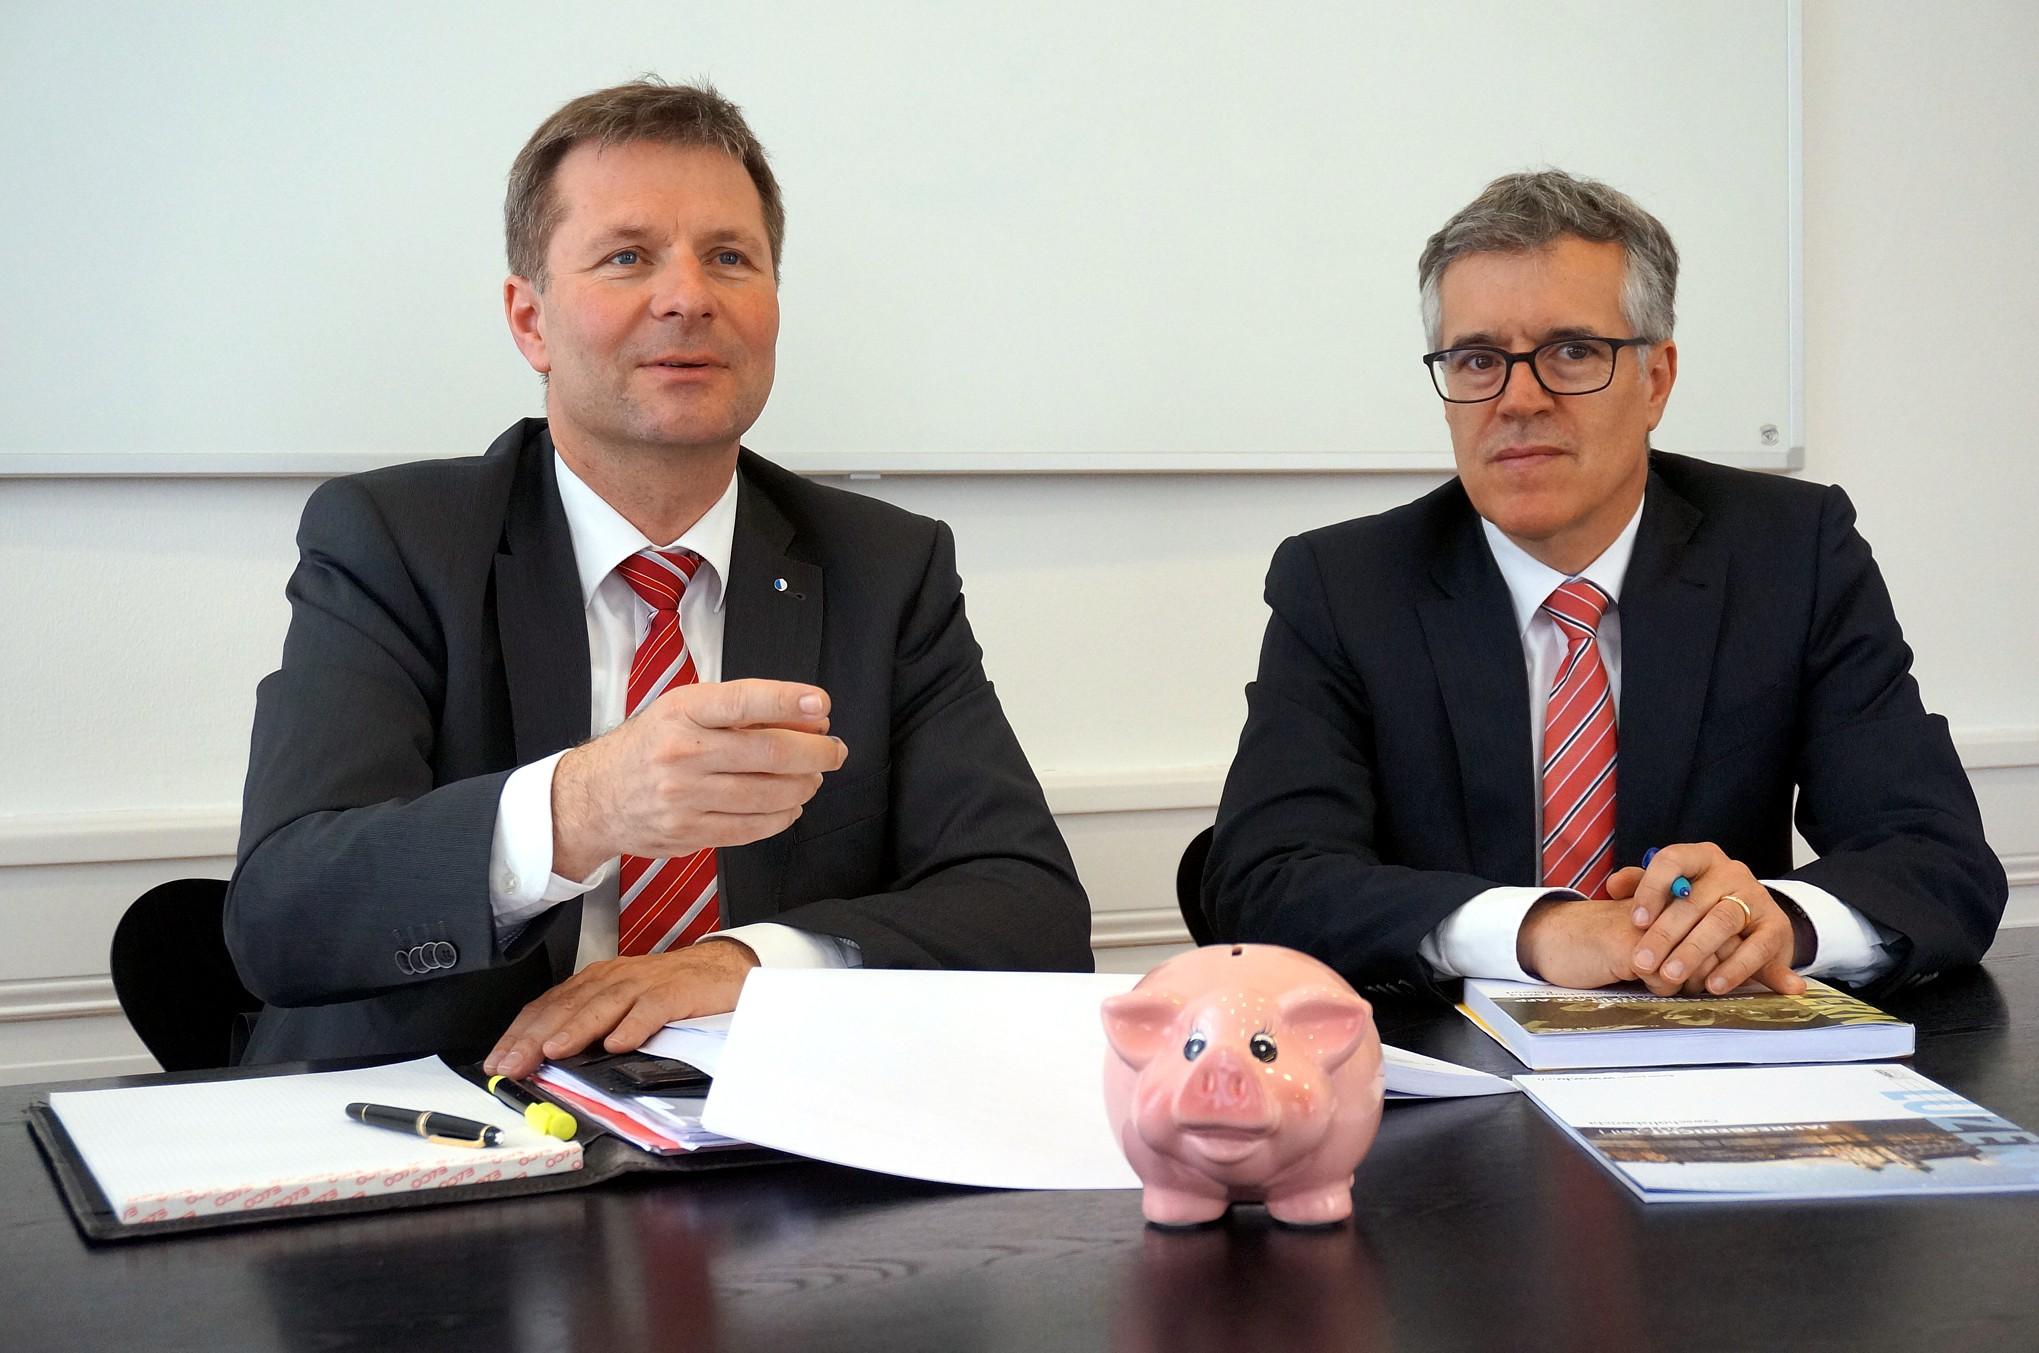 Das Kässeli brauchts weiterhin: Wie hier im Bild 2014, werden am Donnerstag erneut Marcel Schwerzmann und der Leiter der Dienststelle Finanzen, Hansjörg Kaufmann, vor die Medien treten.